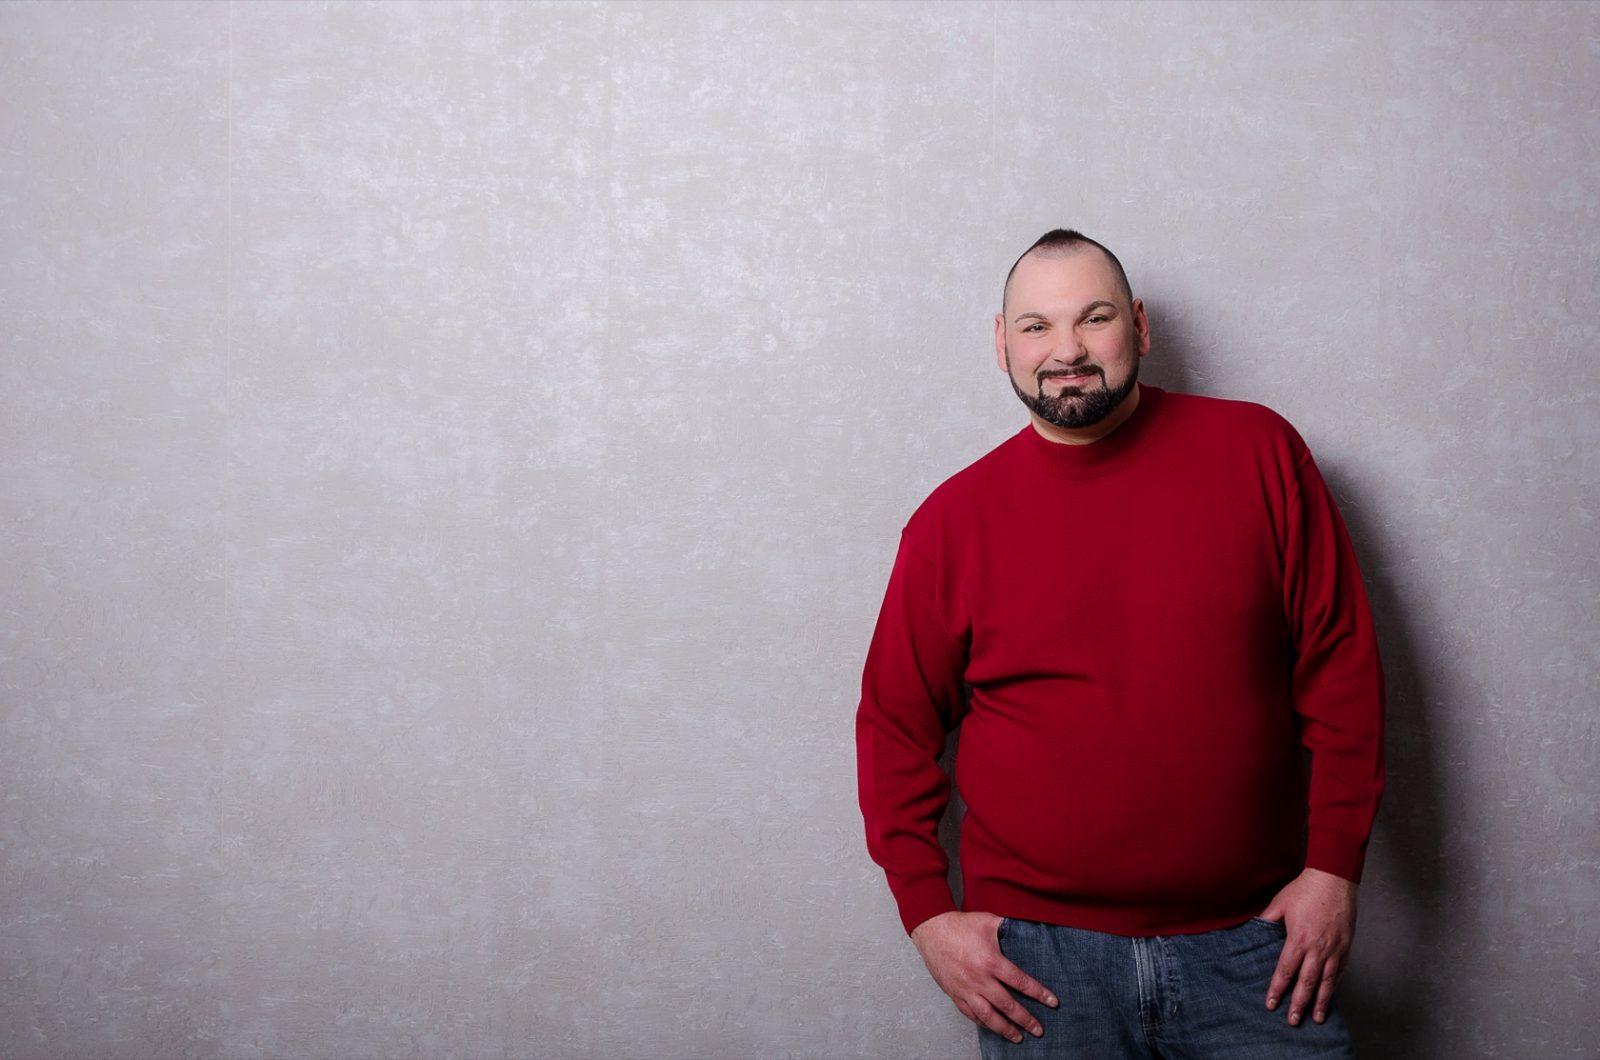 Dunkelroter Rundhals-Pullover in Übergröße